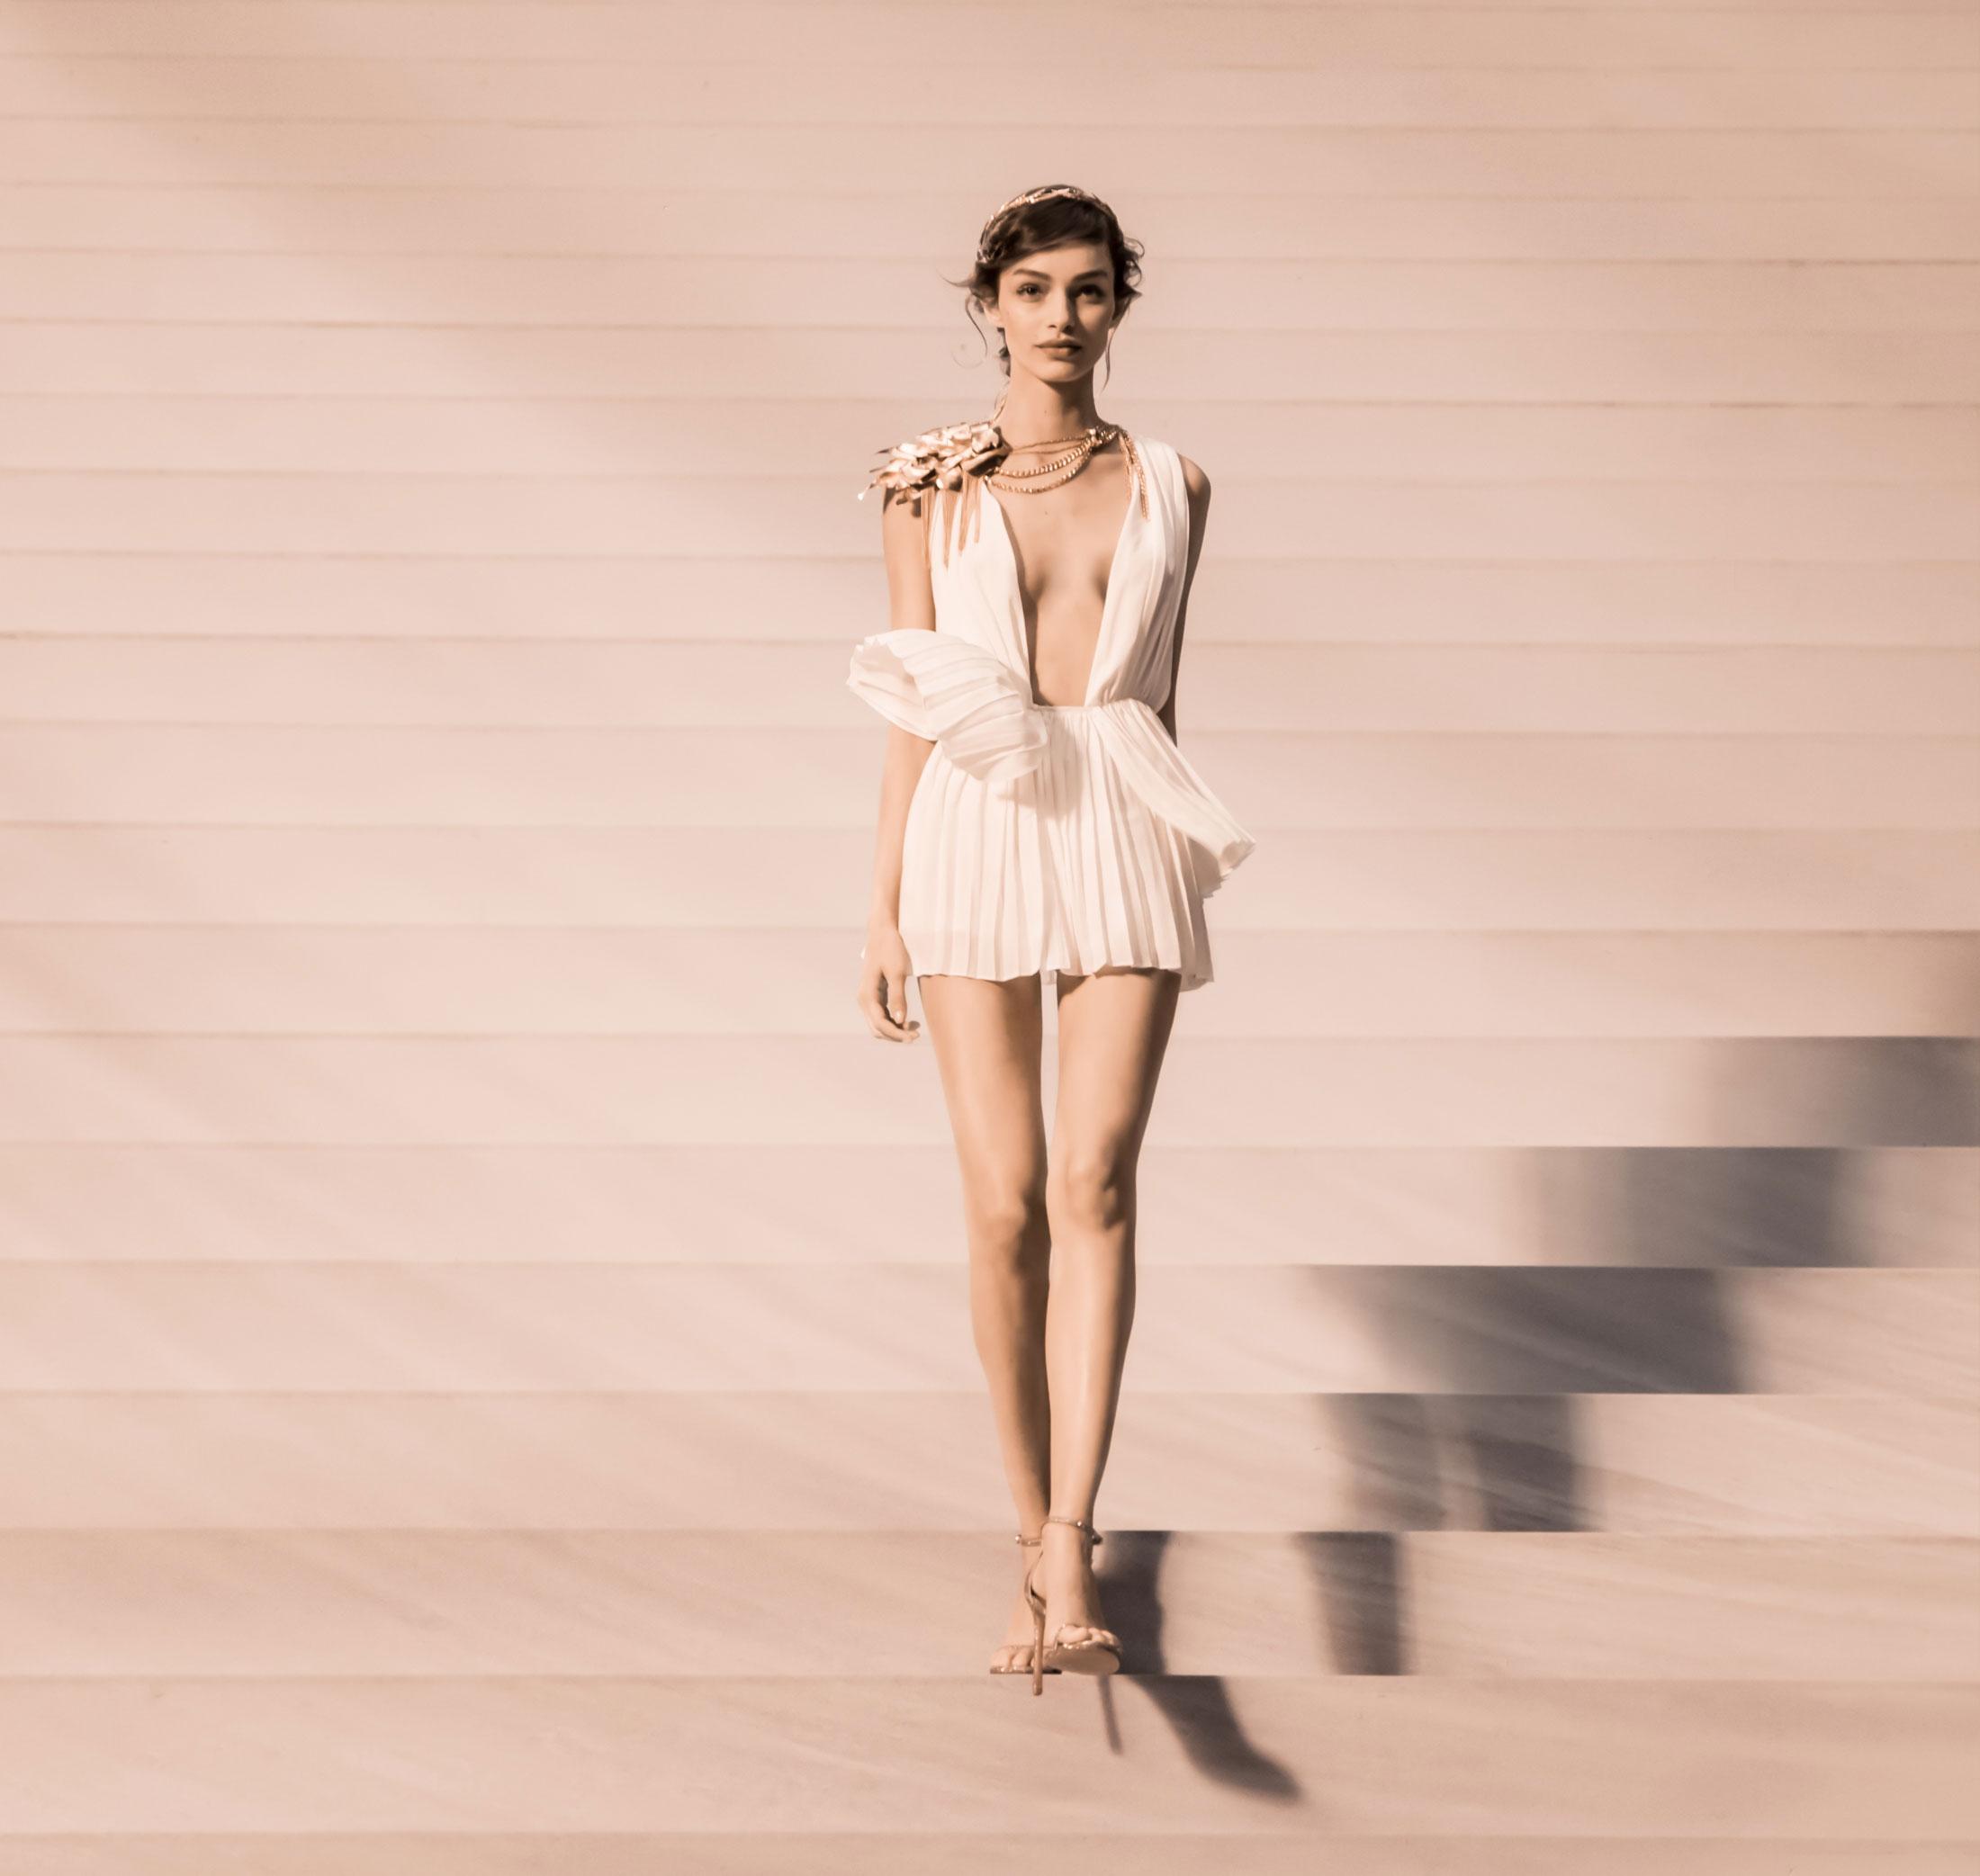 La modelo brasileña Luma encarna a la mujer divina Olympéa.